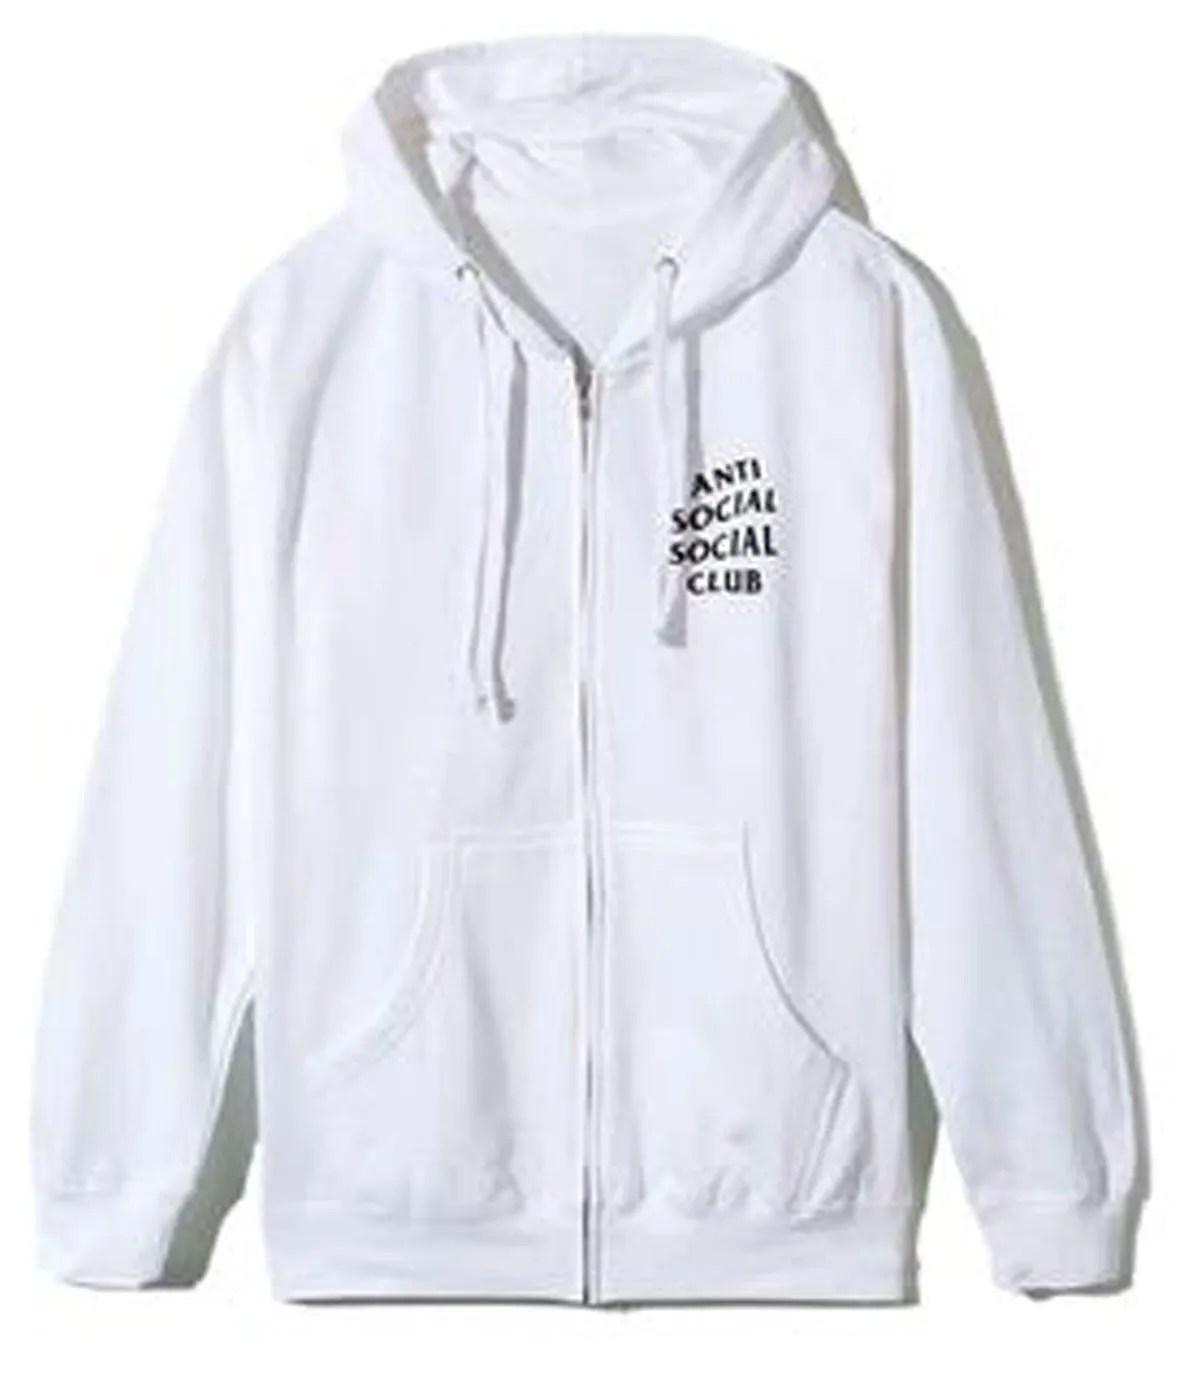 anti-social-social-club-club-hoodie